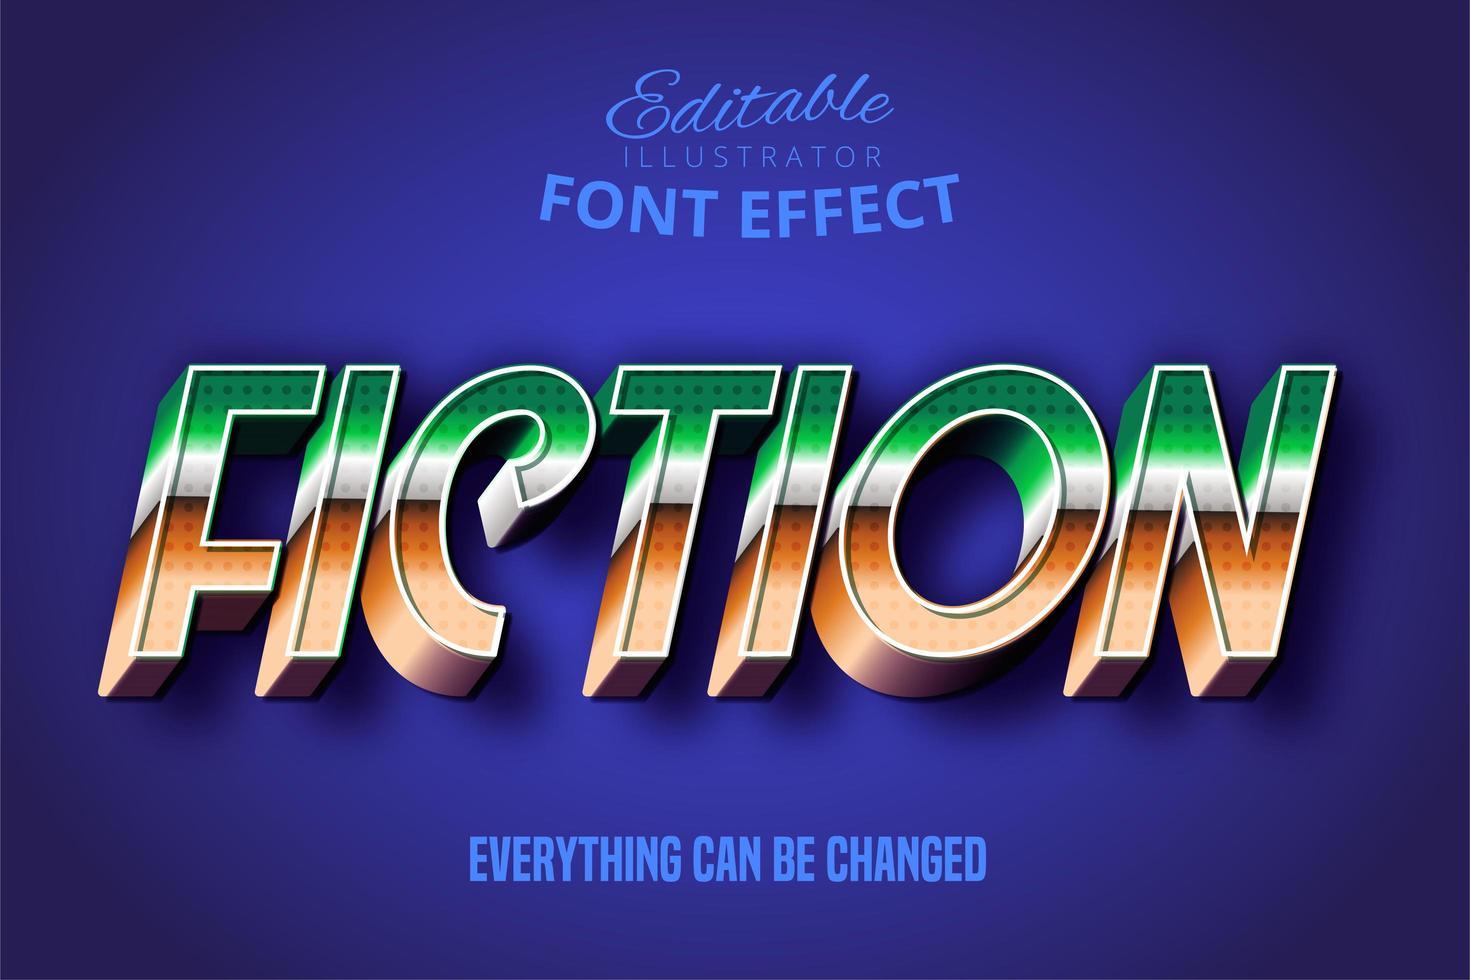 djärvt skript retro textstilseffekt vektor